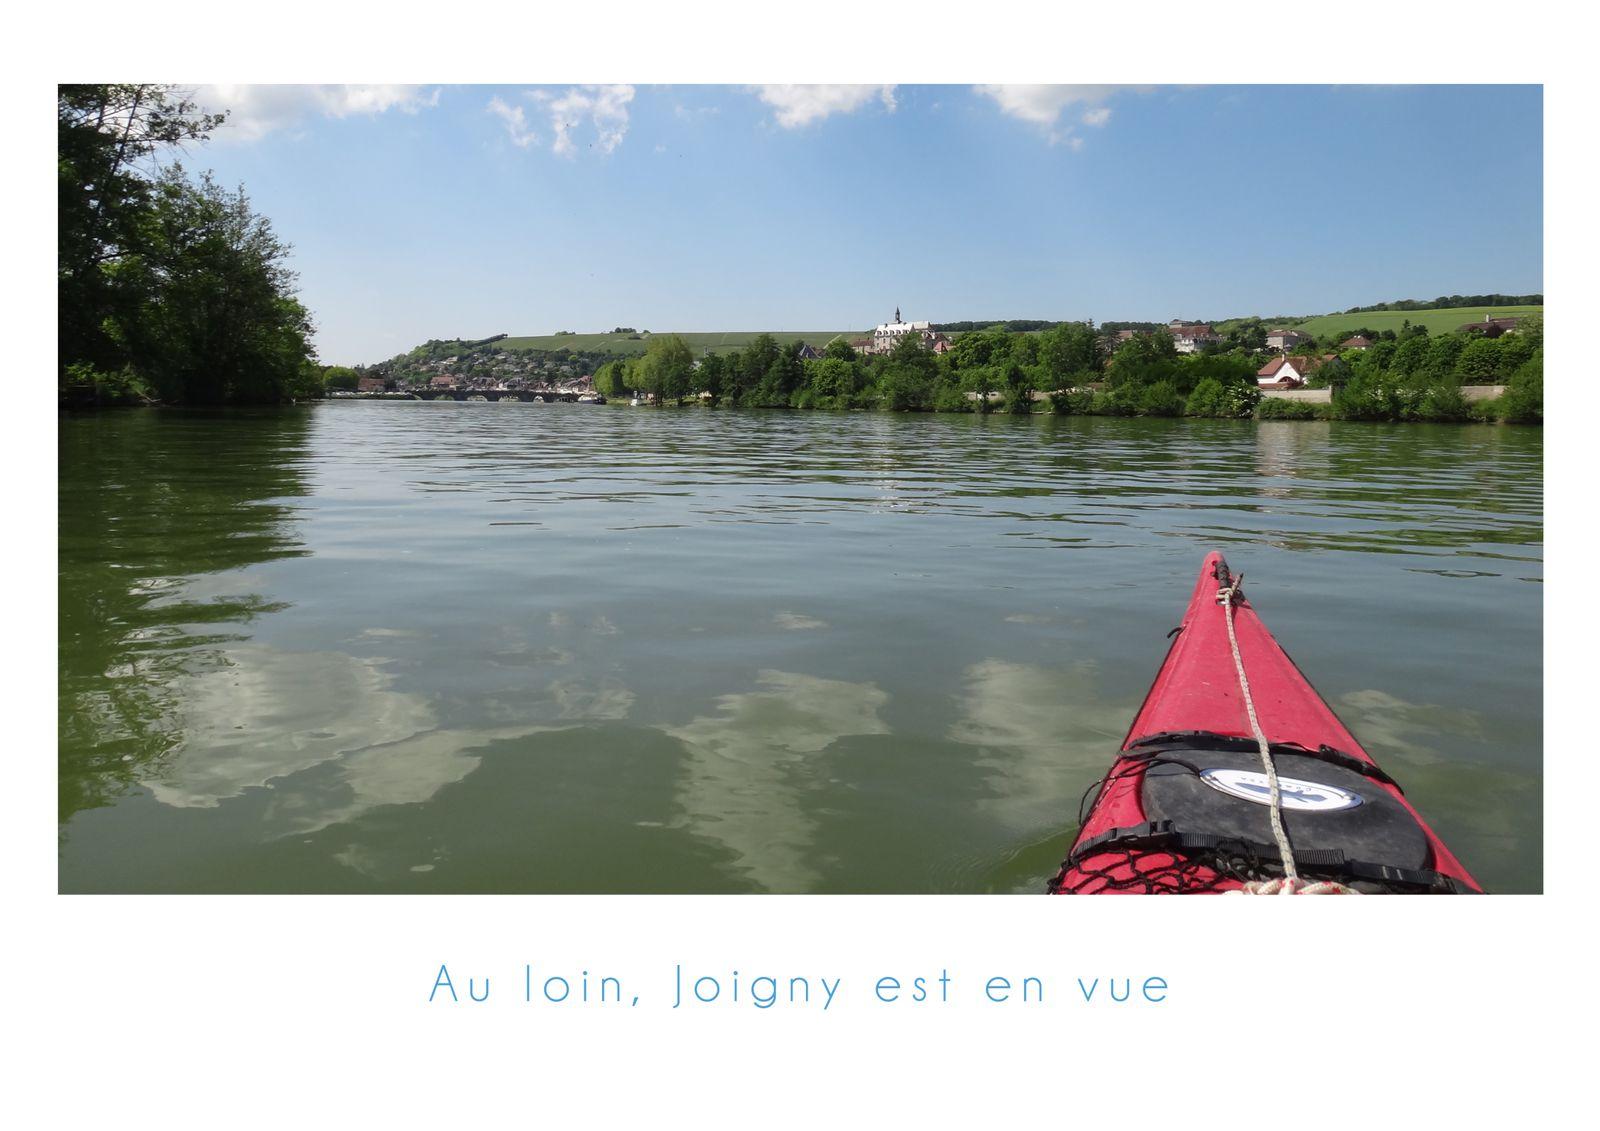 Petite ballade durant une après-midi ensoleillée aux alentours de Joigny